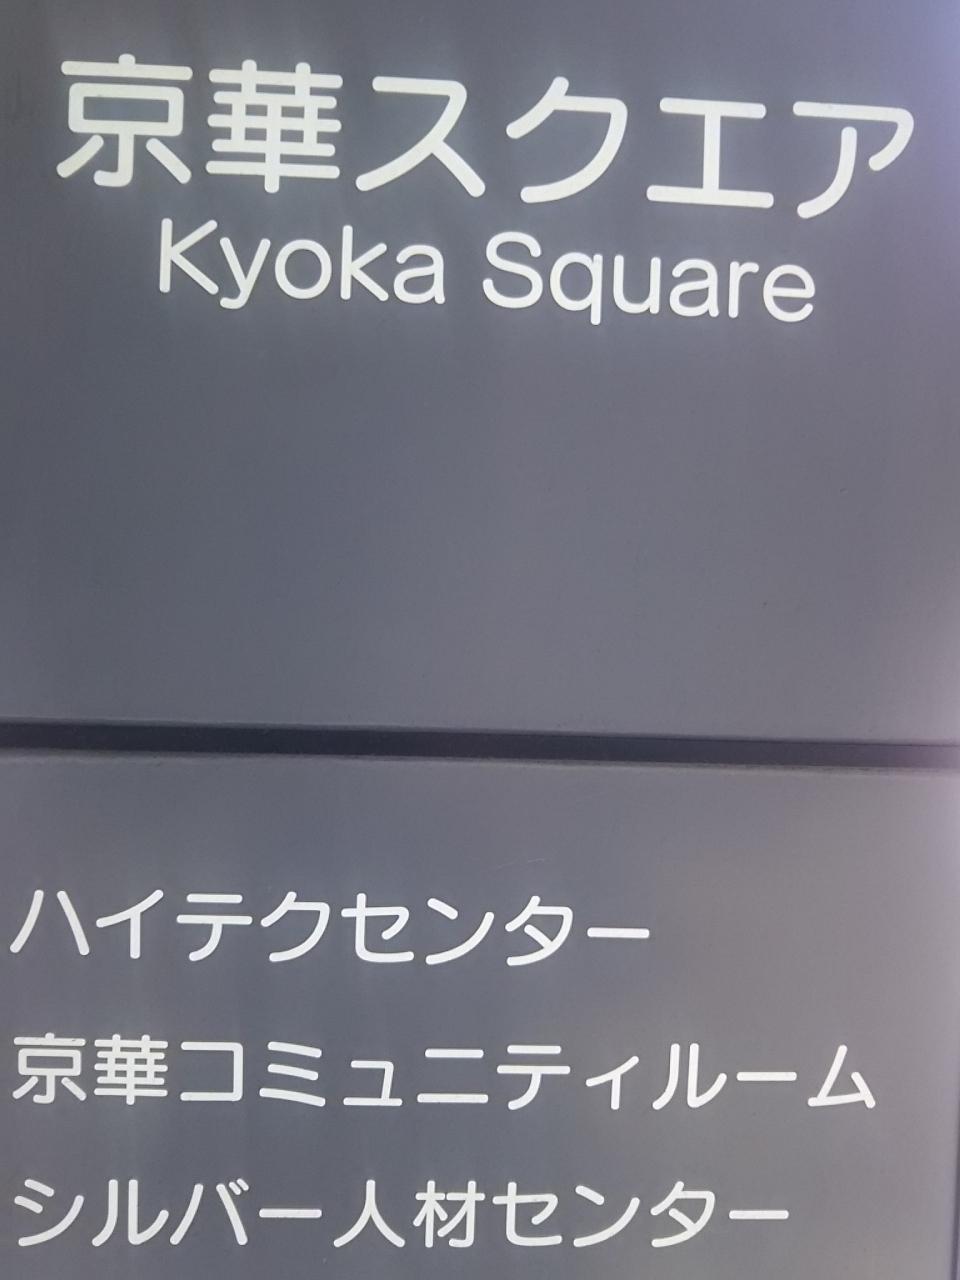 『小学校の建物でした』by ぷーちゃんさん|京華スクエアの ...